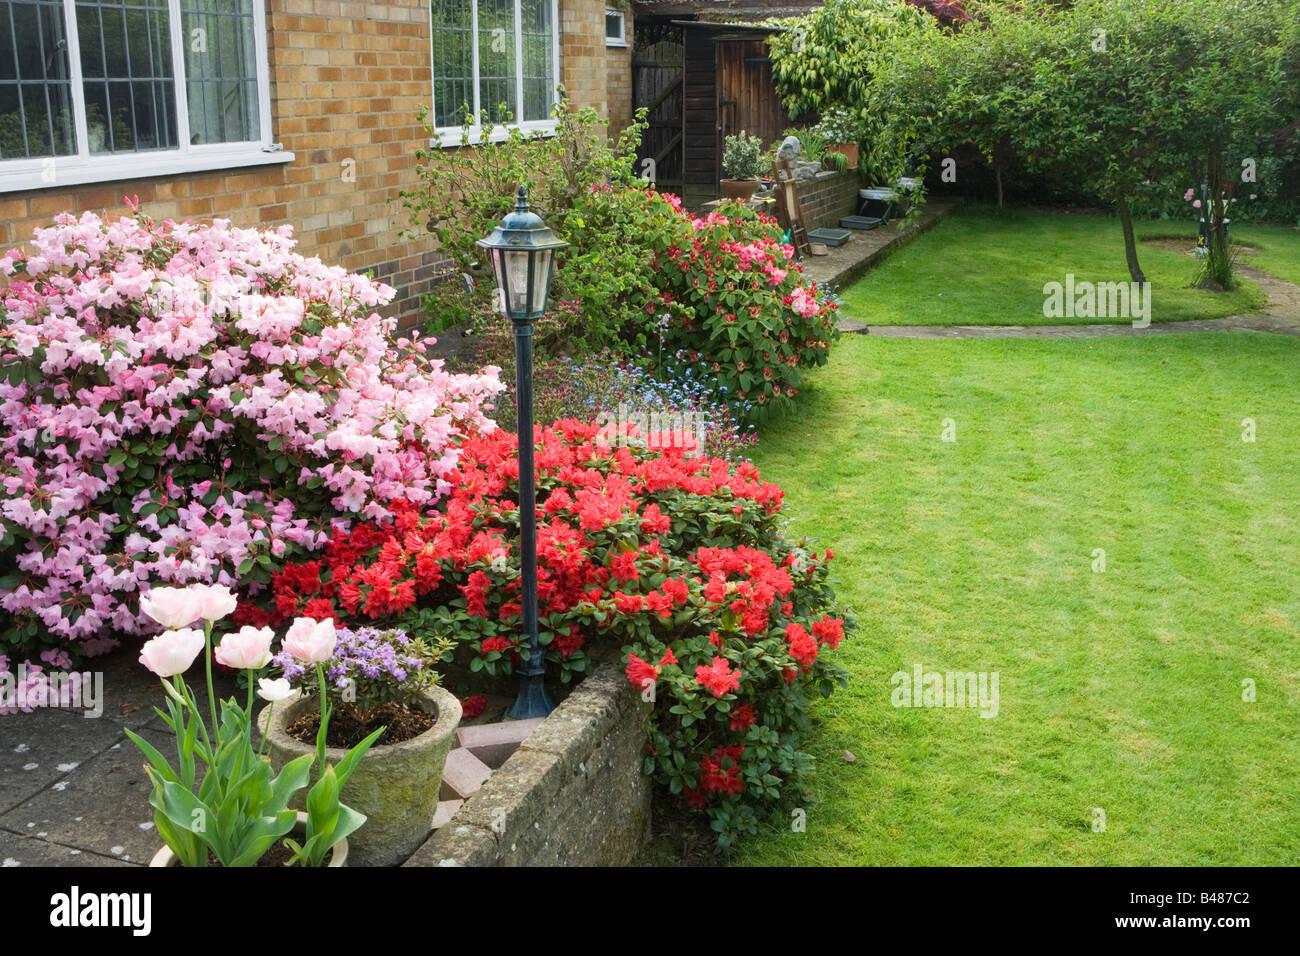 Medium sized garden with azaleas. Surrey, UK - Stock Image